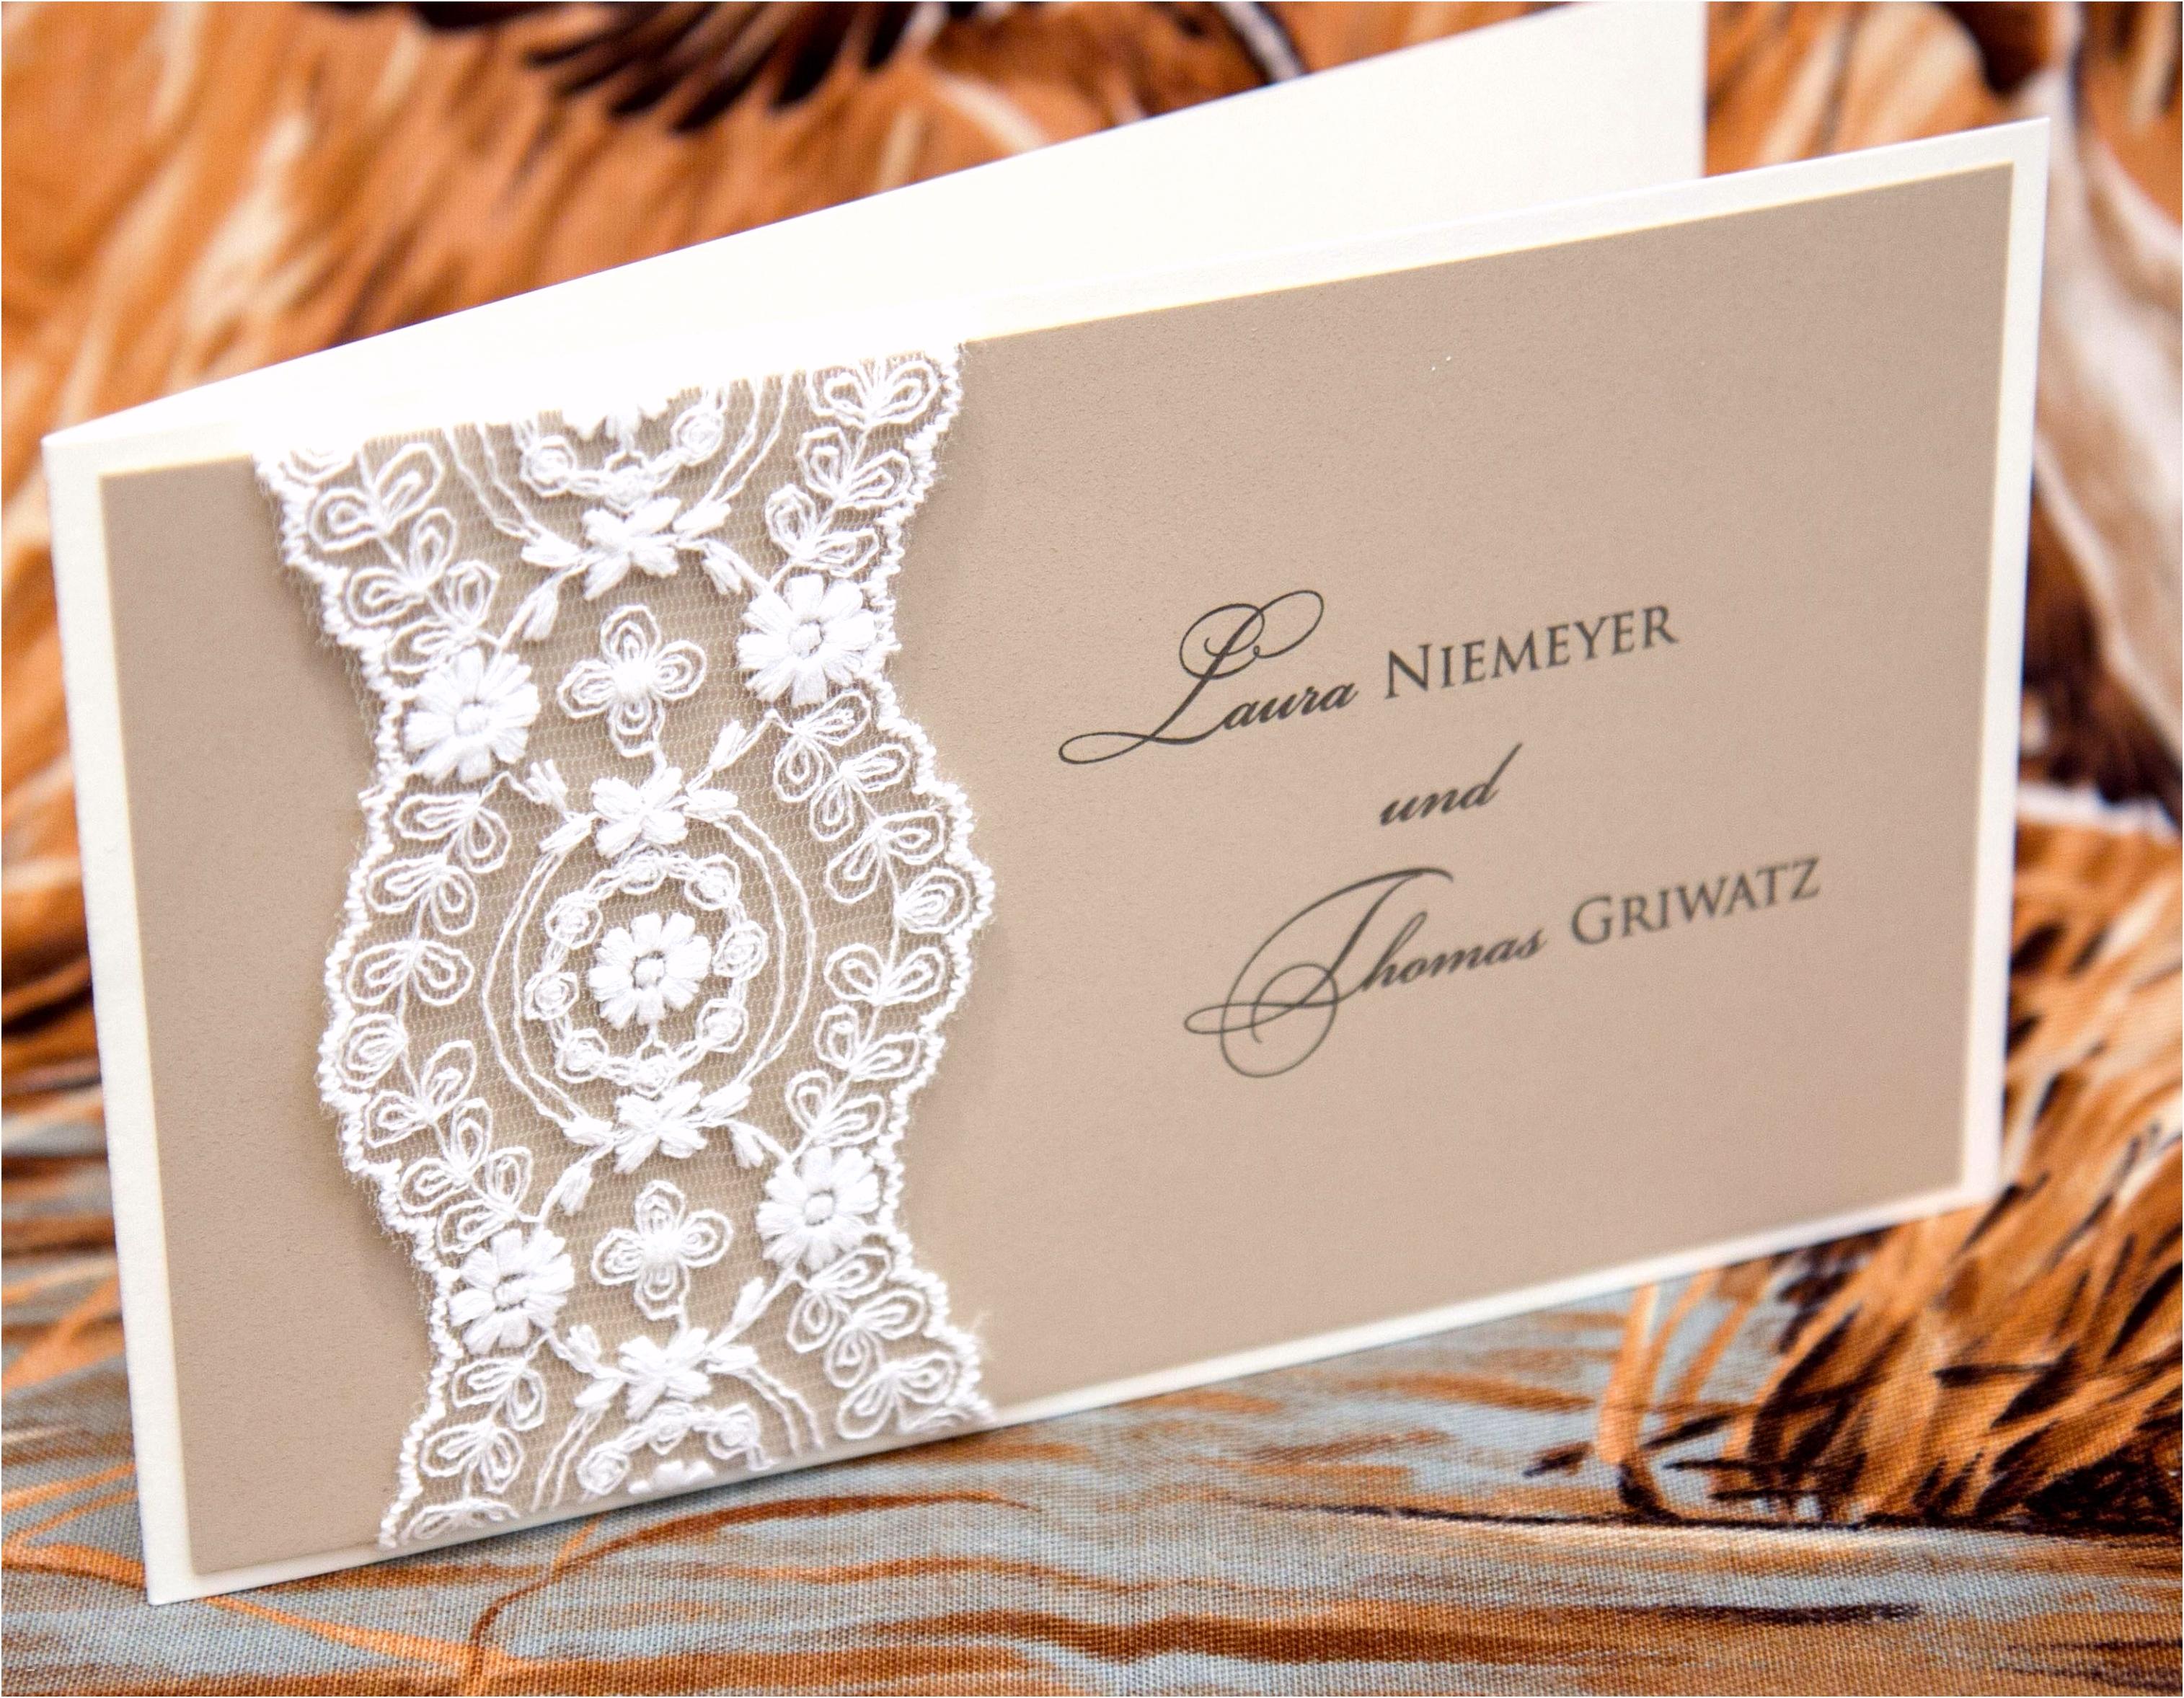 Beautiful Hochzeit Einladung Basteln 4 Hochzeitskarten Selber